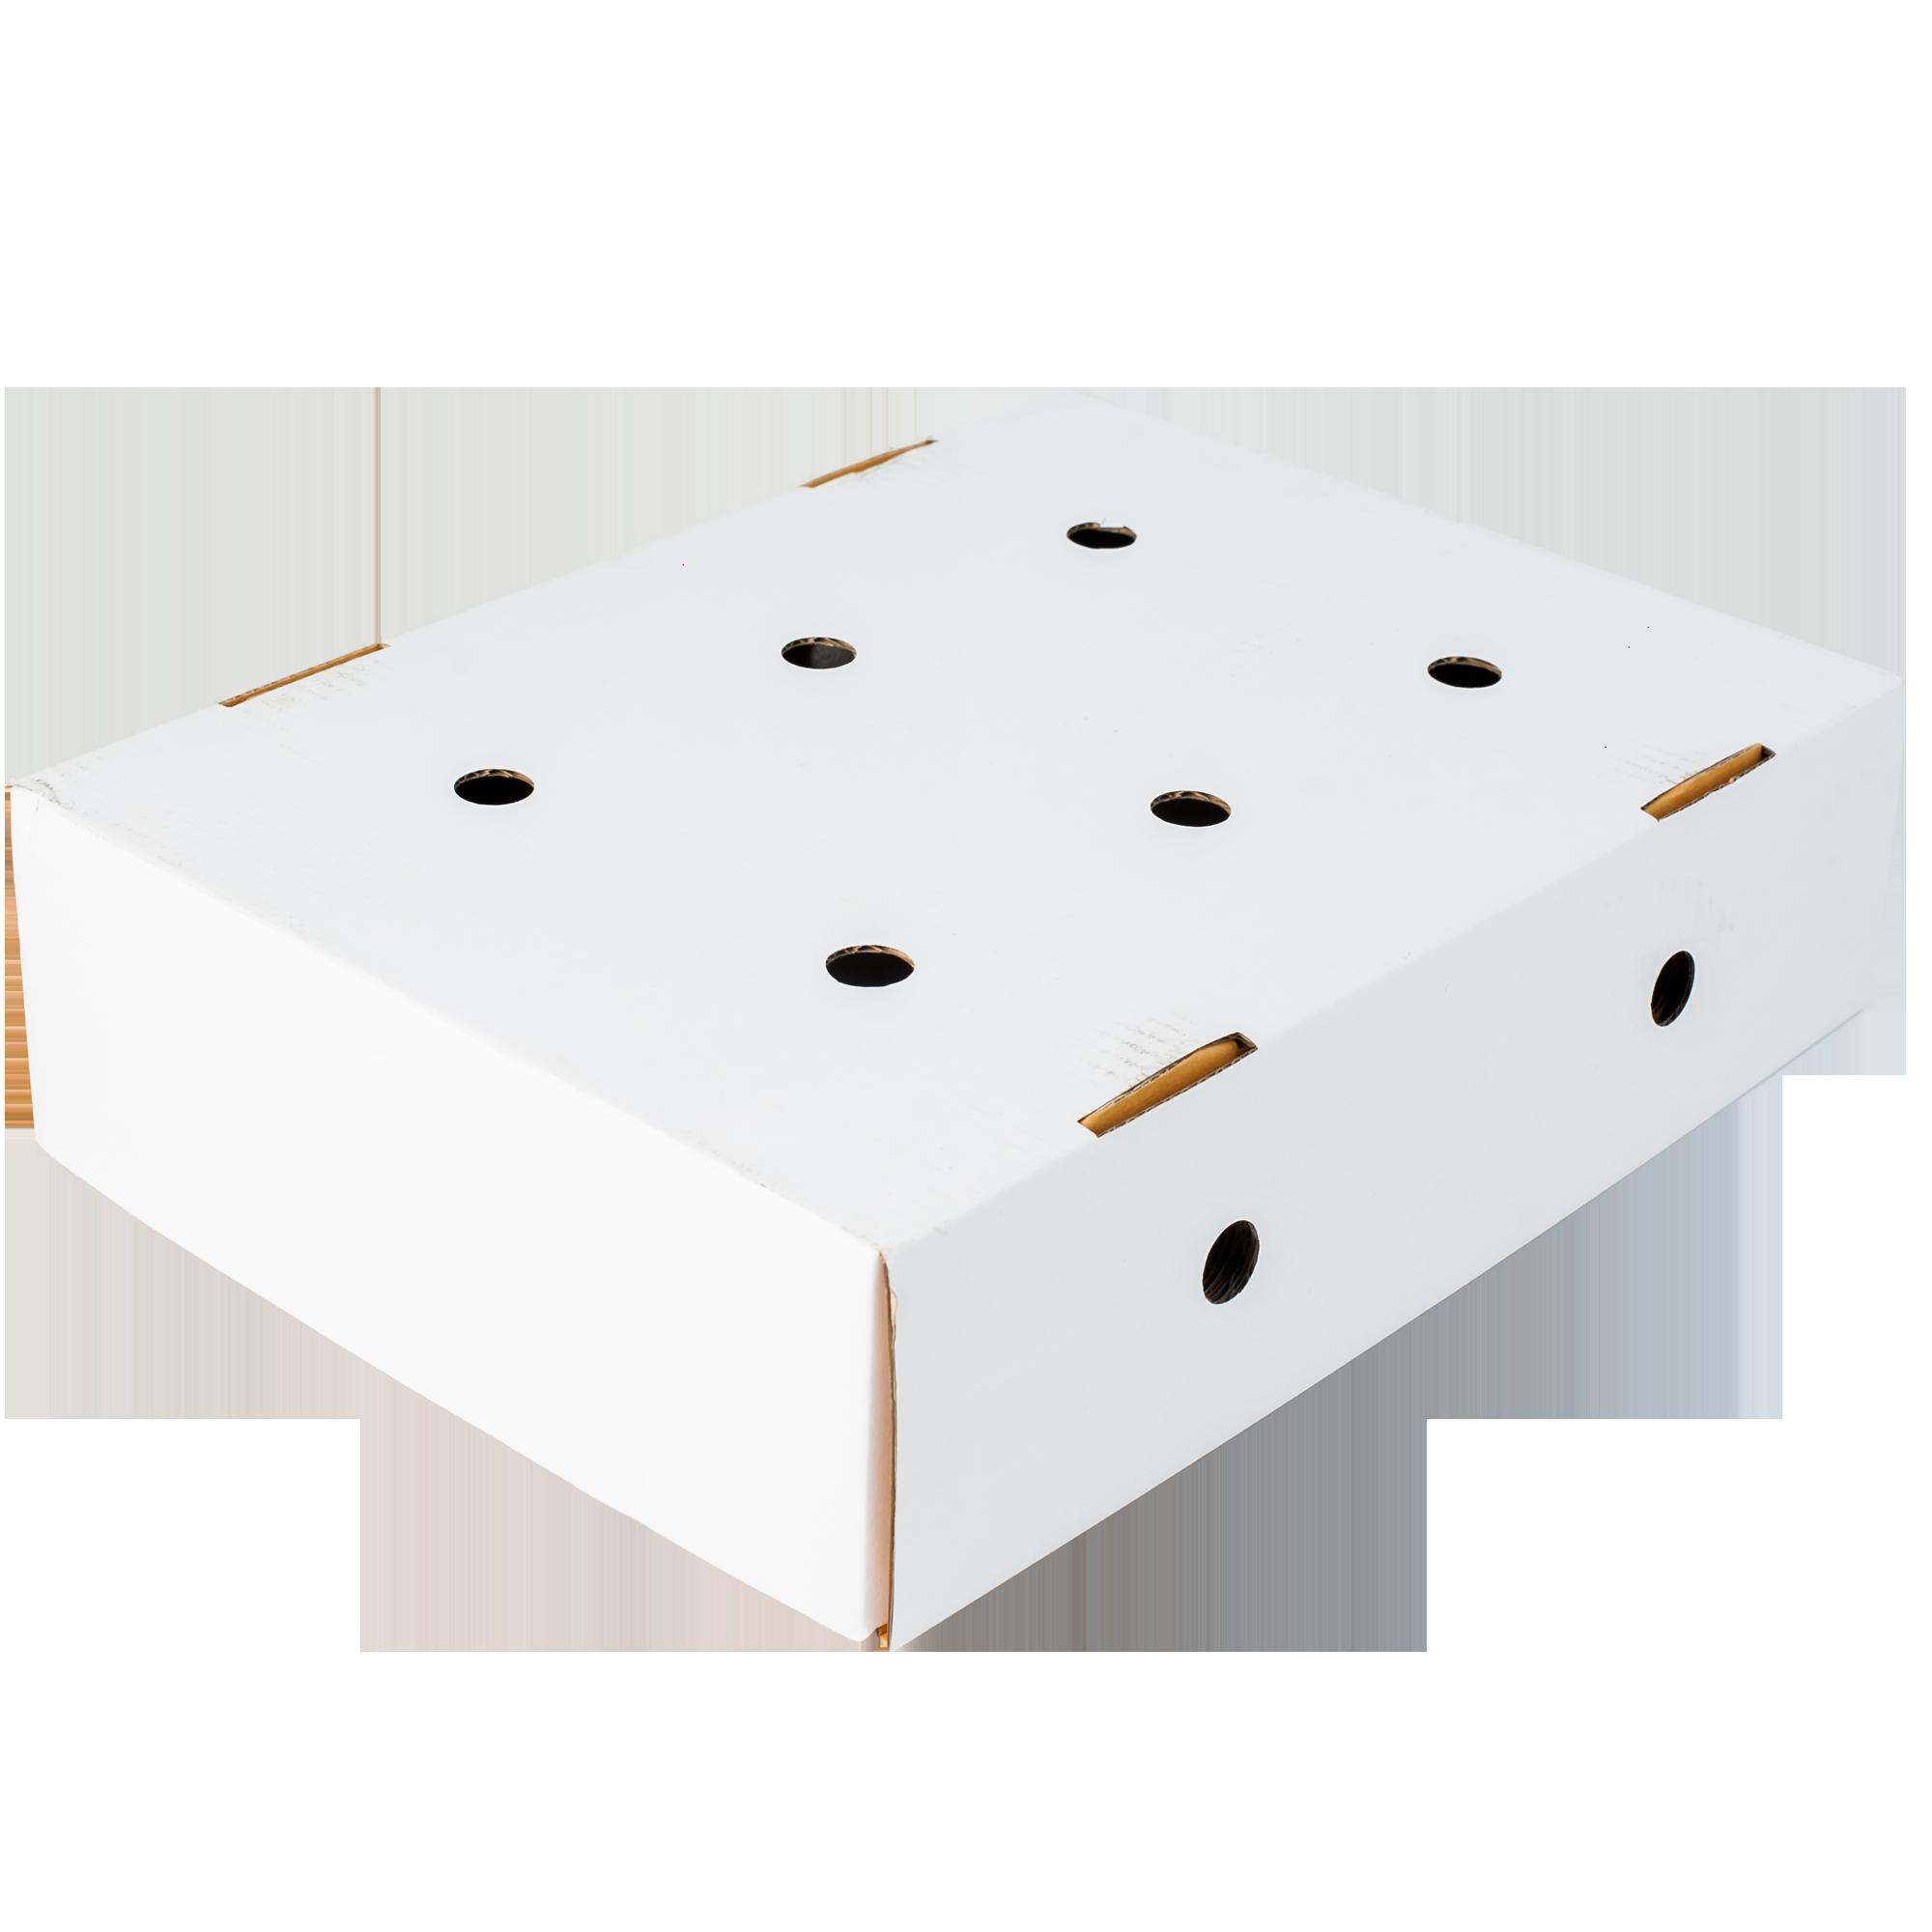 <b>Whit Box (2kg.)</b>